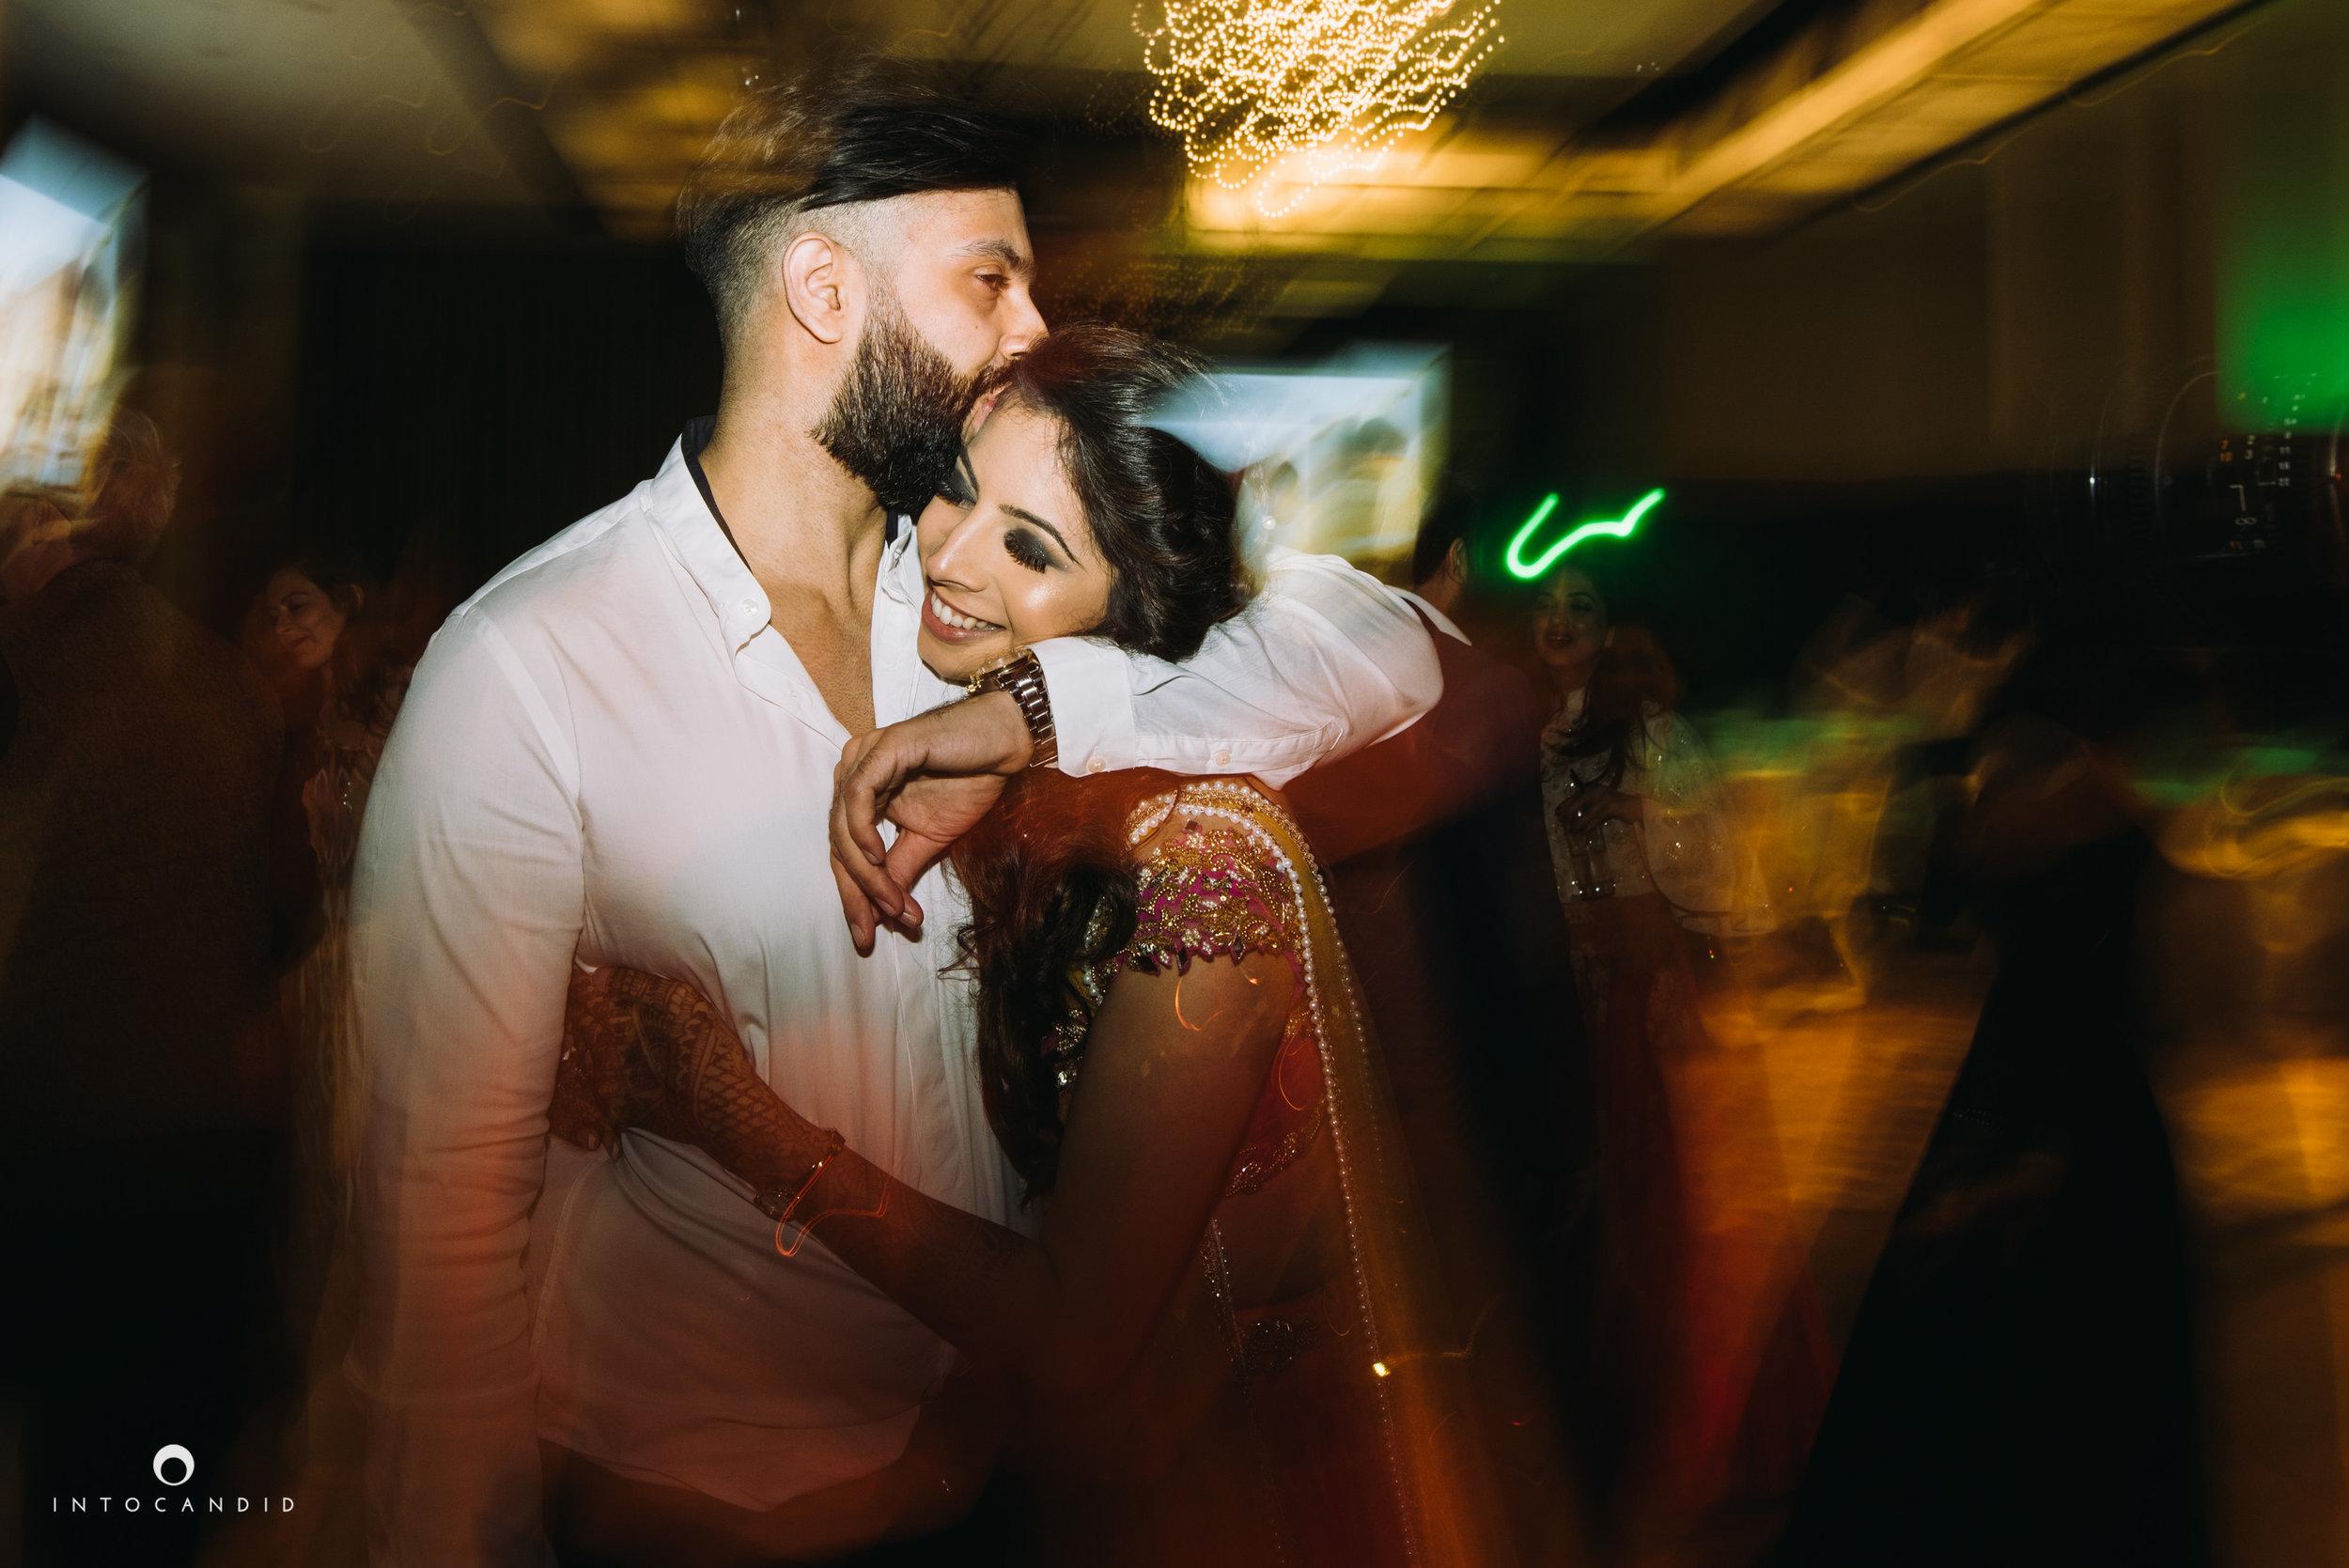 Dubai_Wedding_Photographer_85.JPG